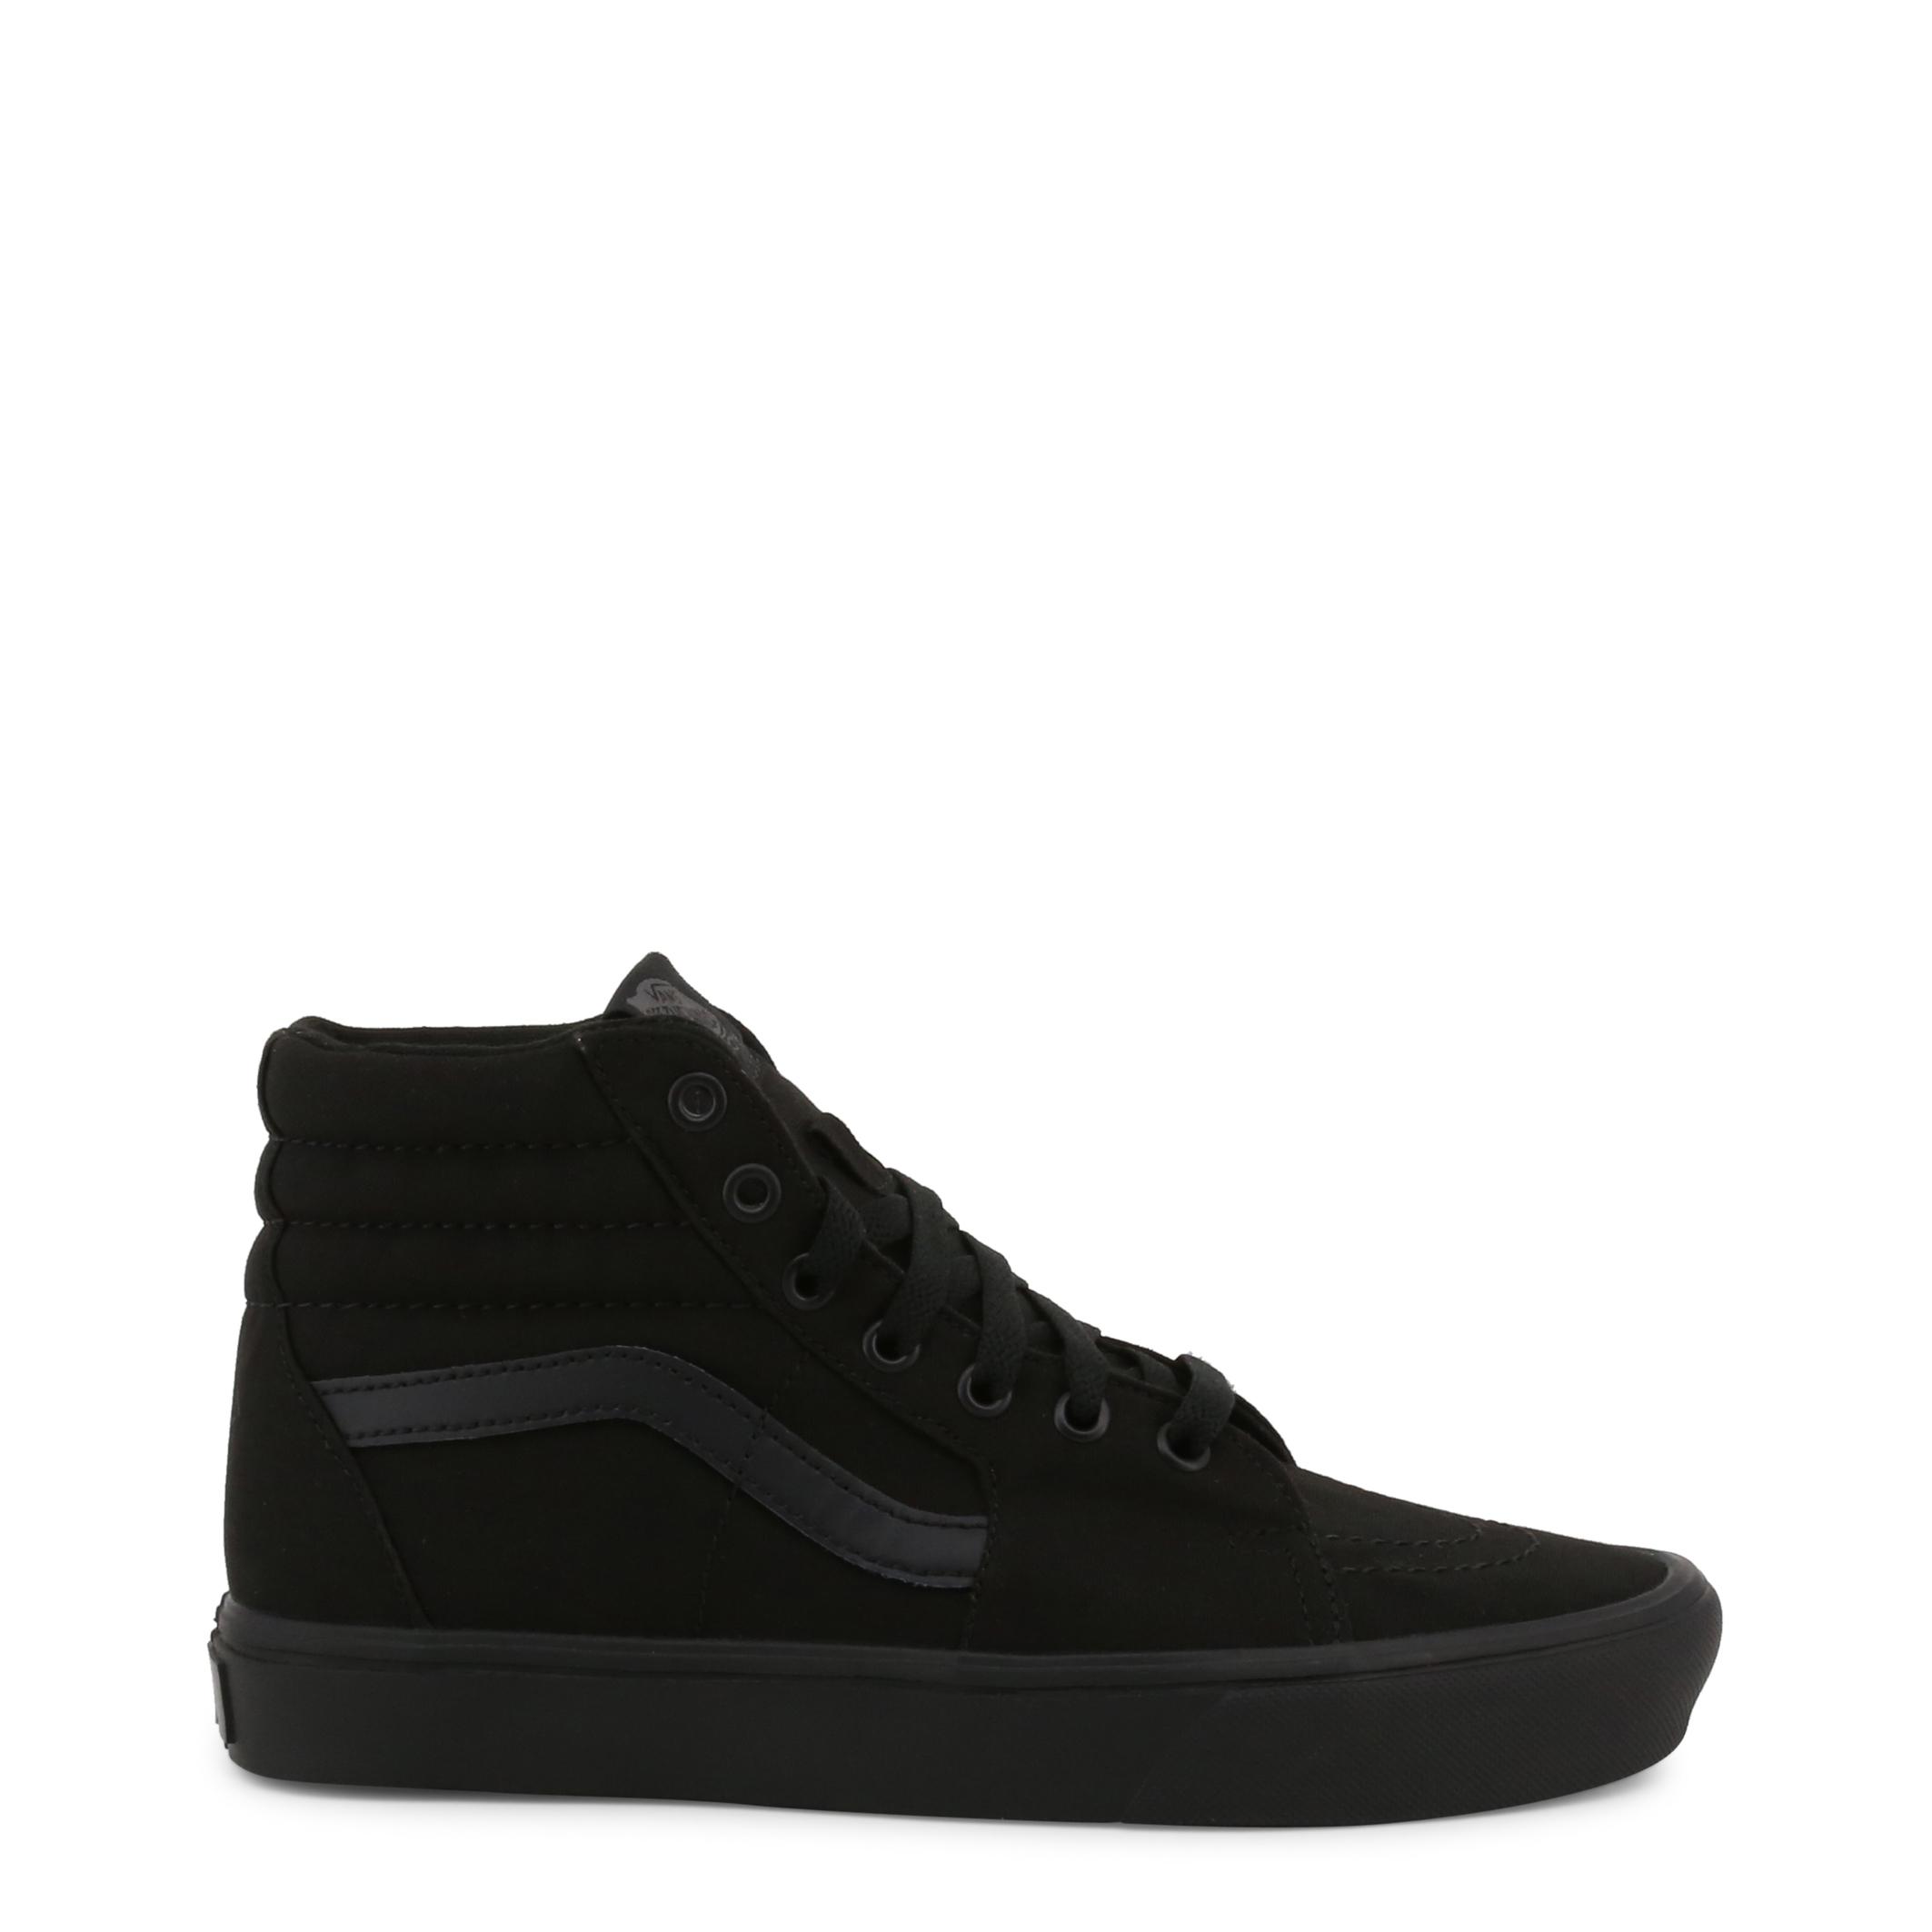 Baskets / Sport  Vans SK8-HI LITE_VN0A2Z black